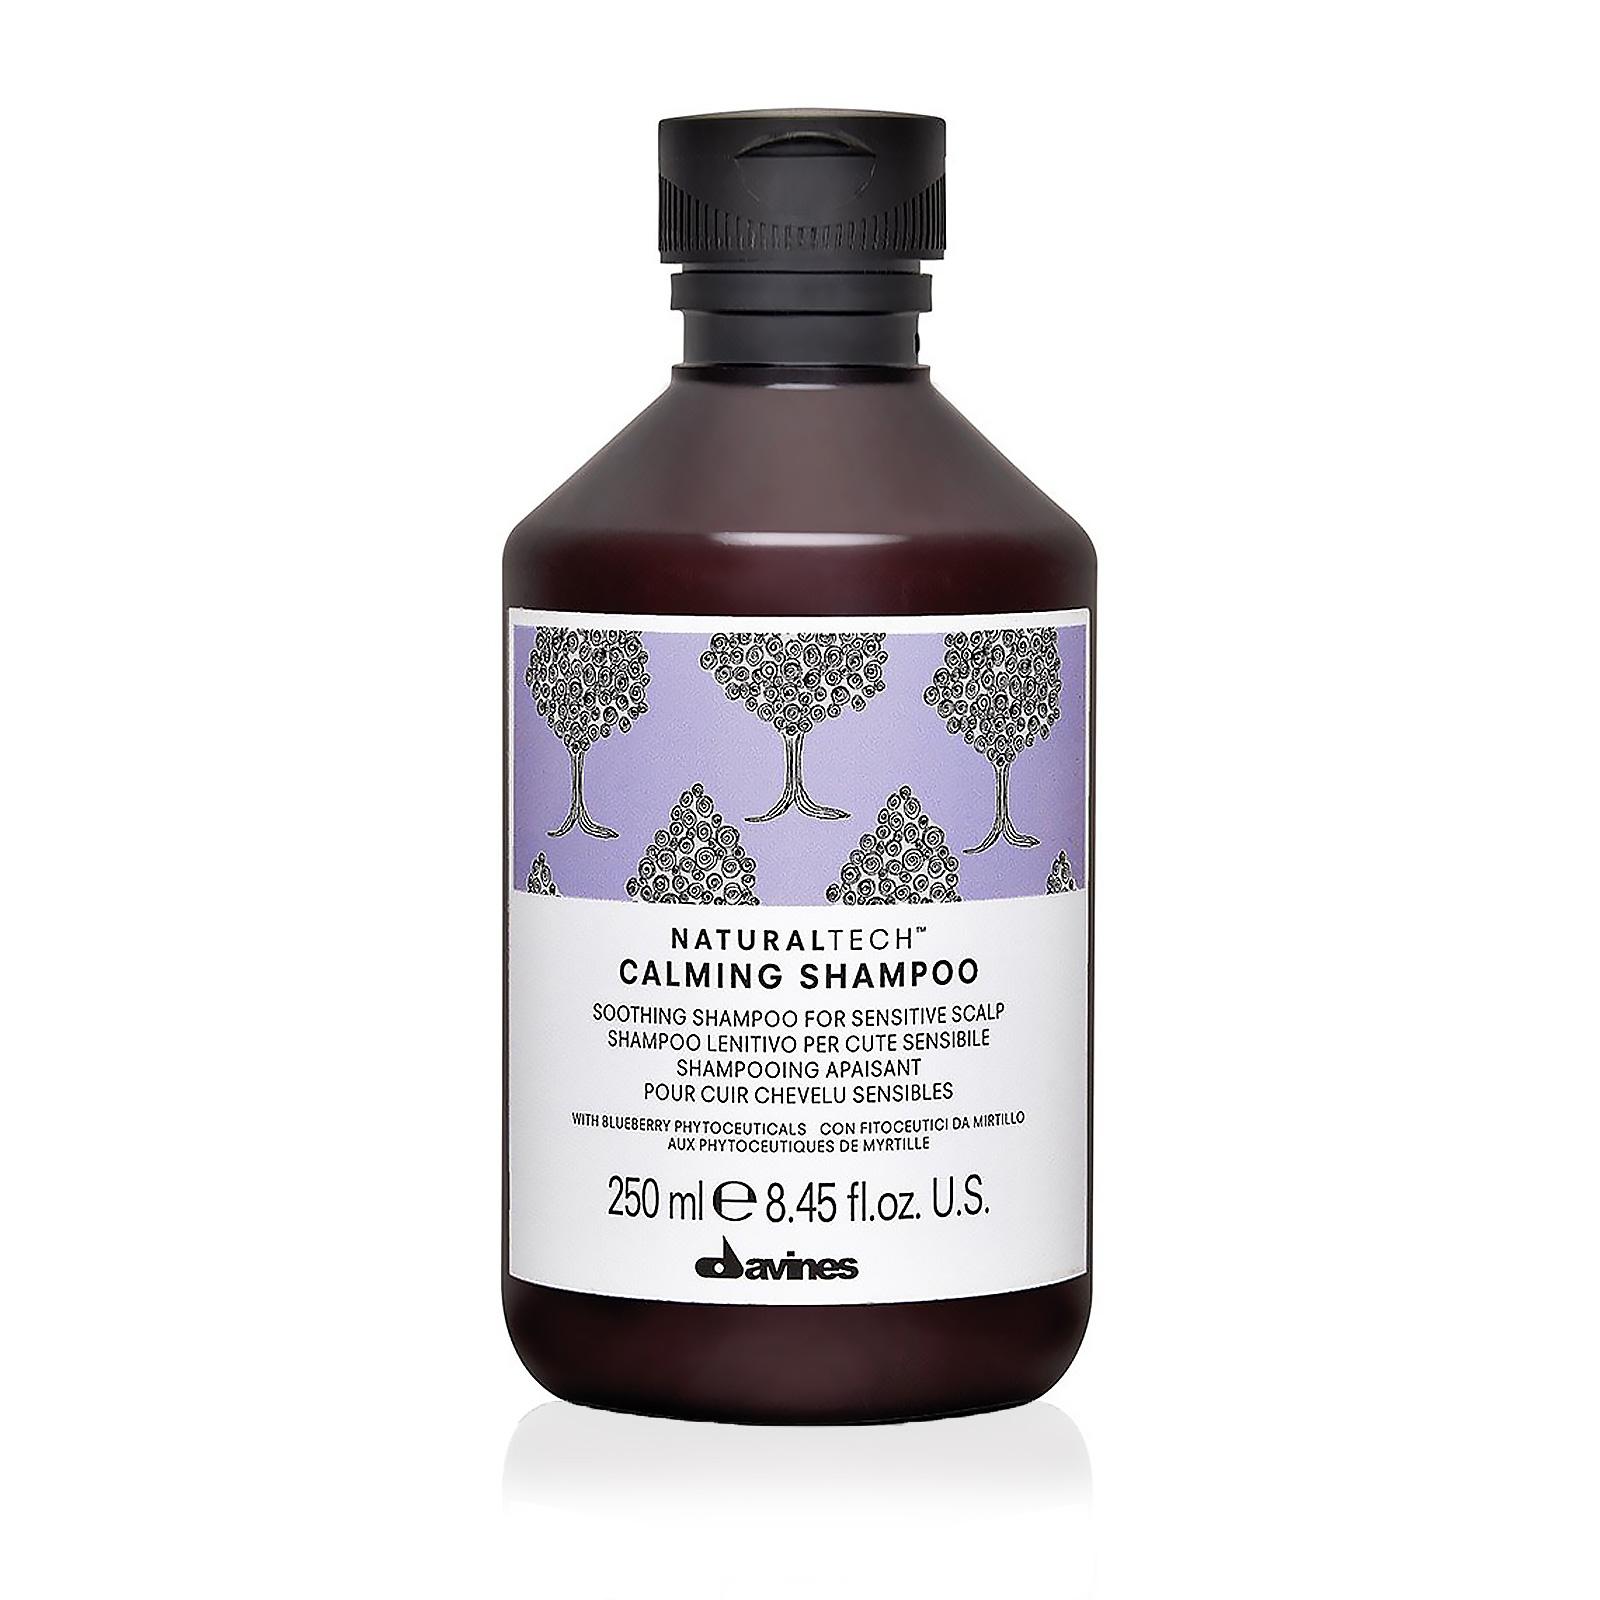 Naturaltech Calming Shampoo